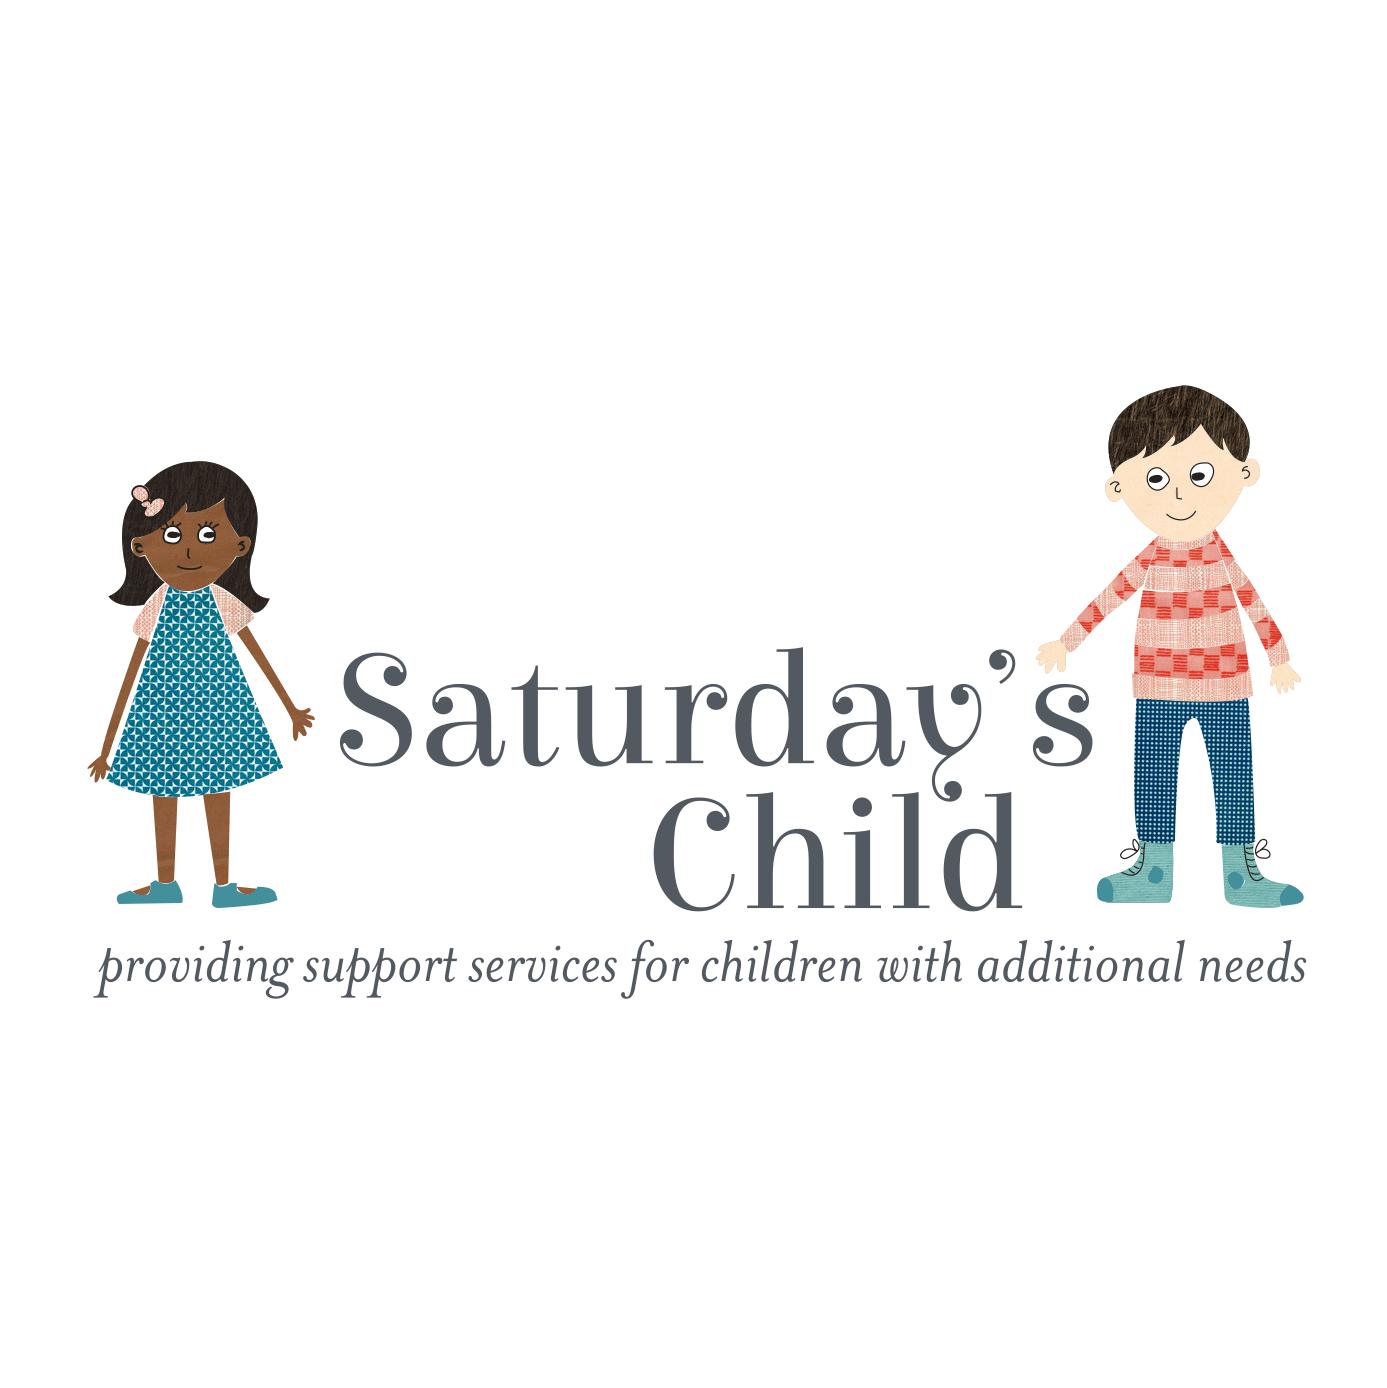 Saturdays Childcare logo concept